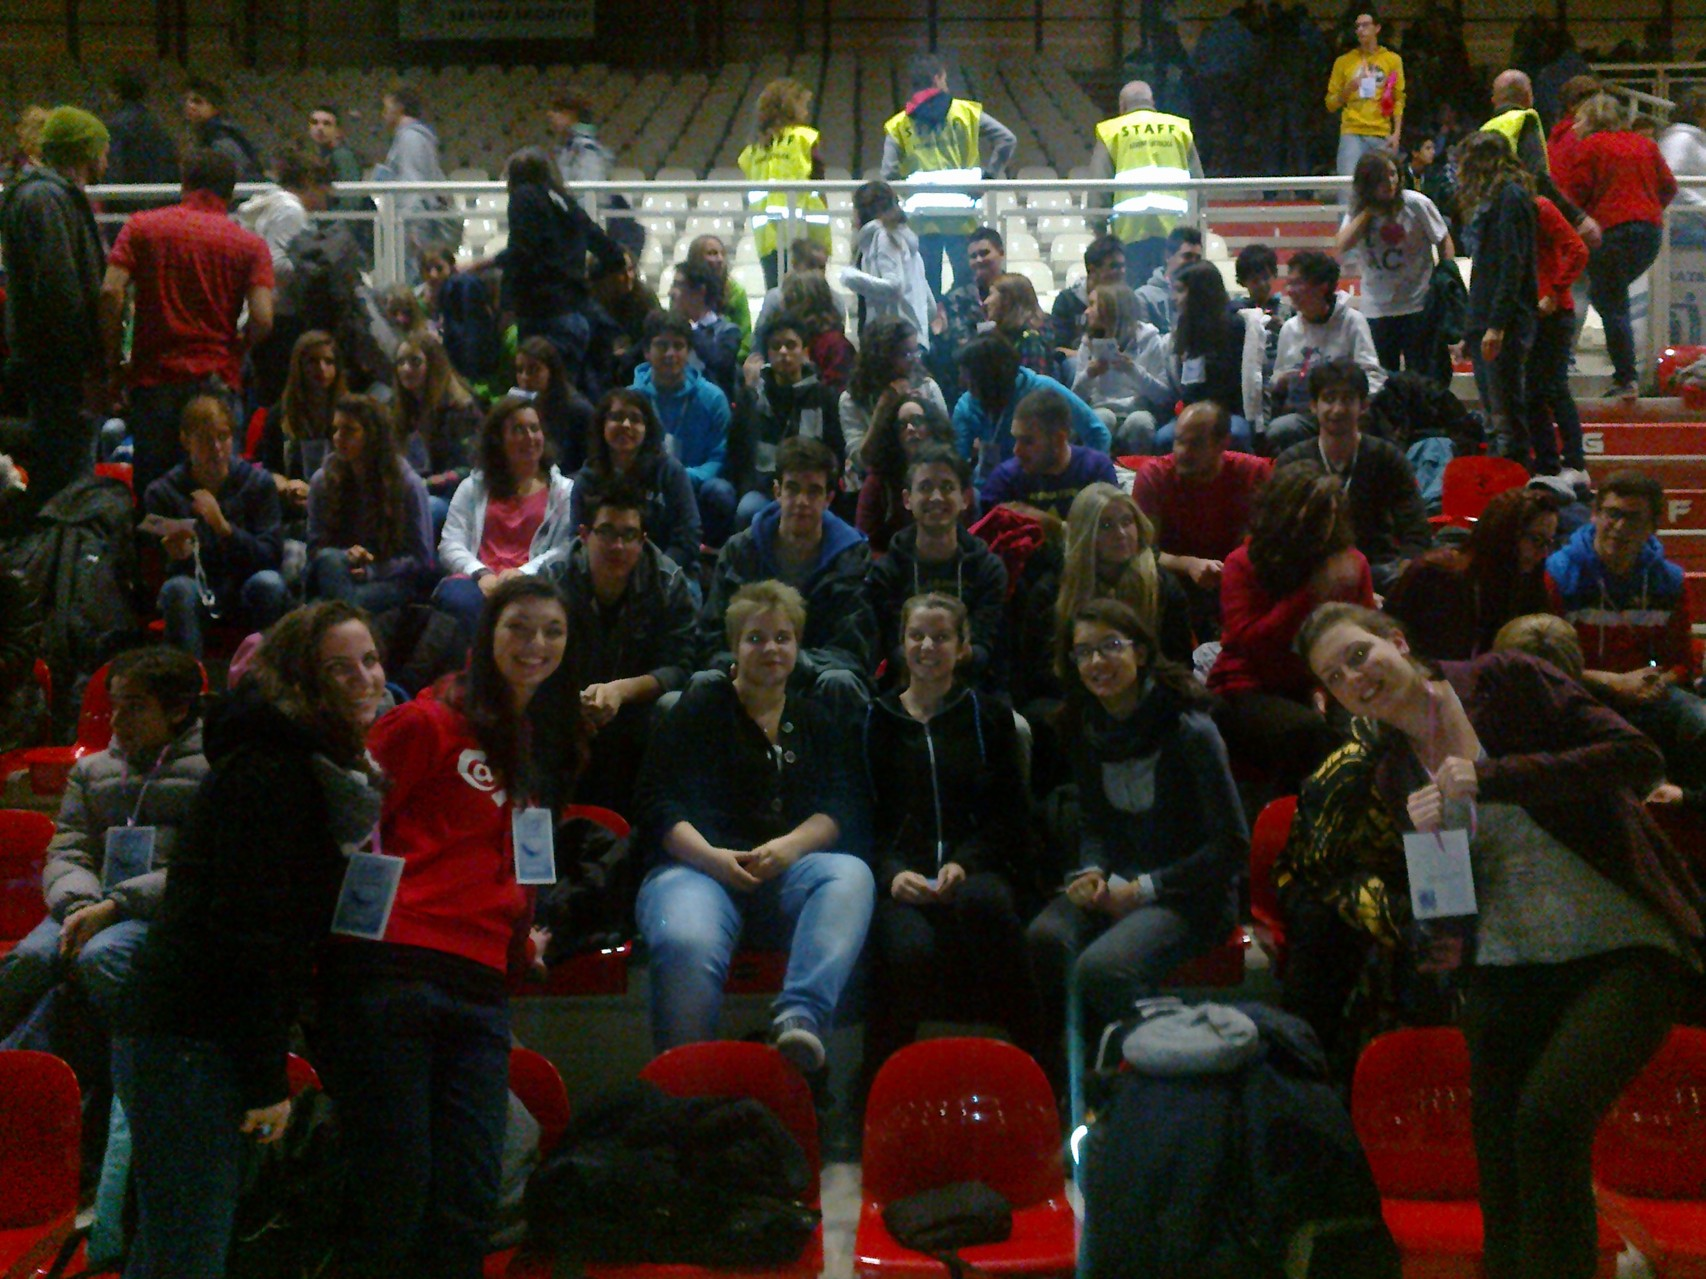 festa giovanissimi a Padova 2012